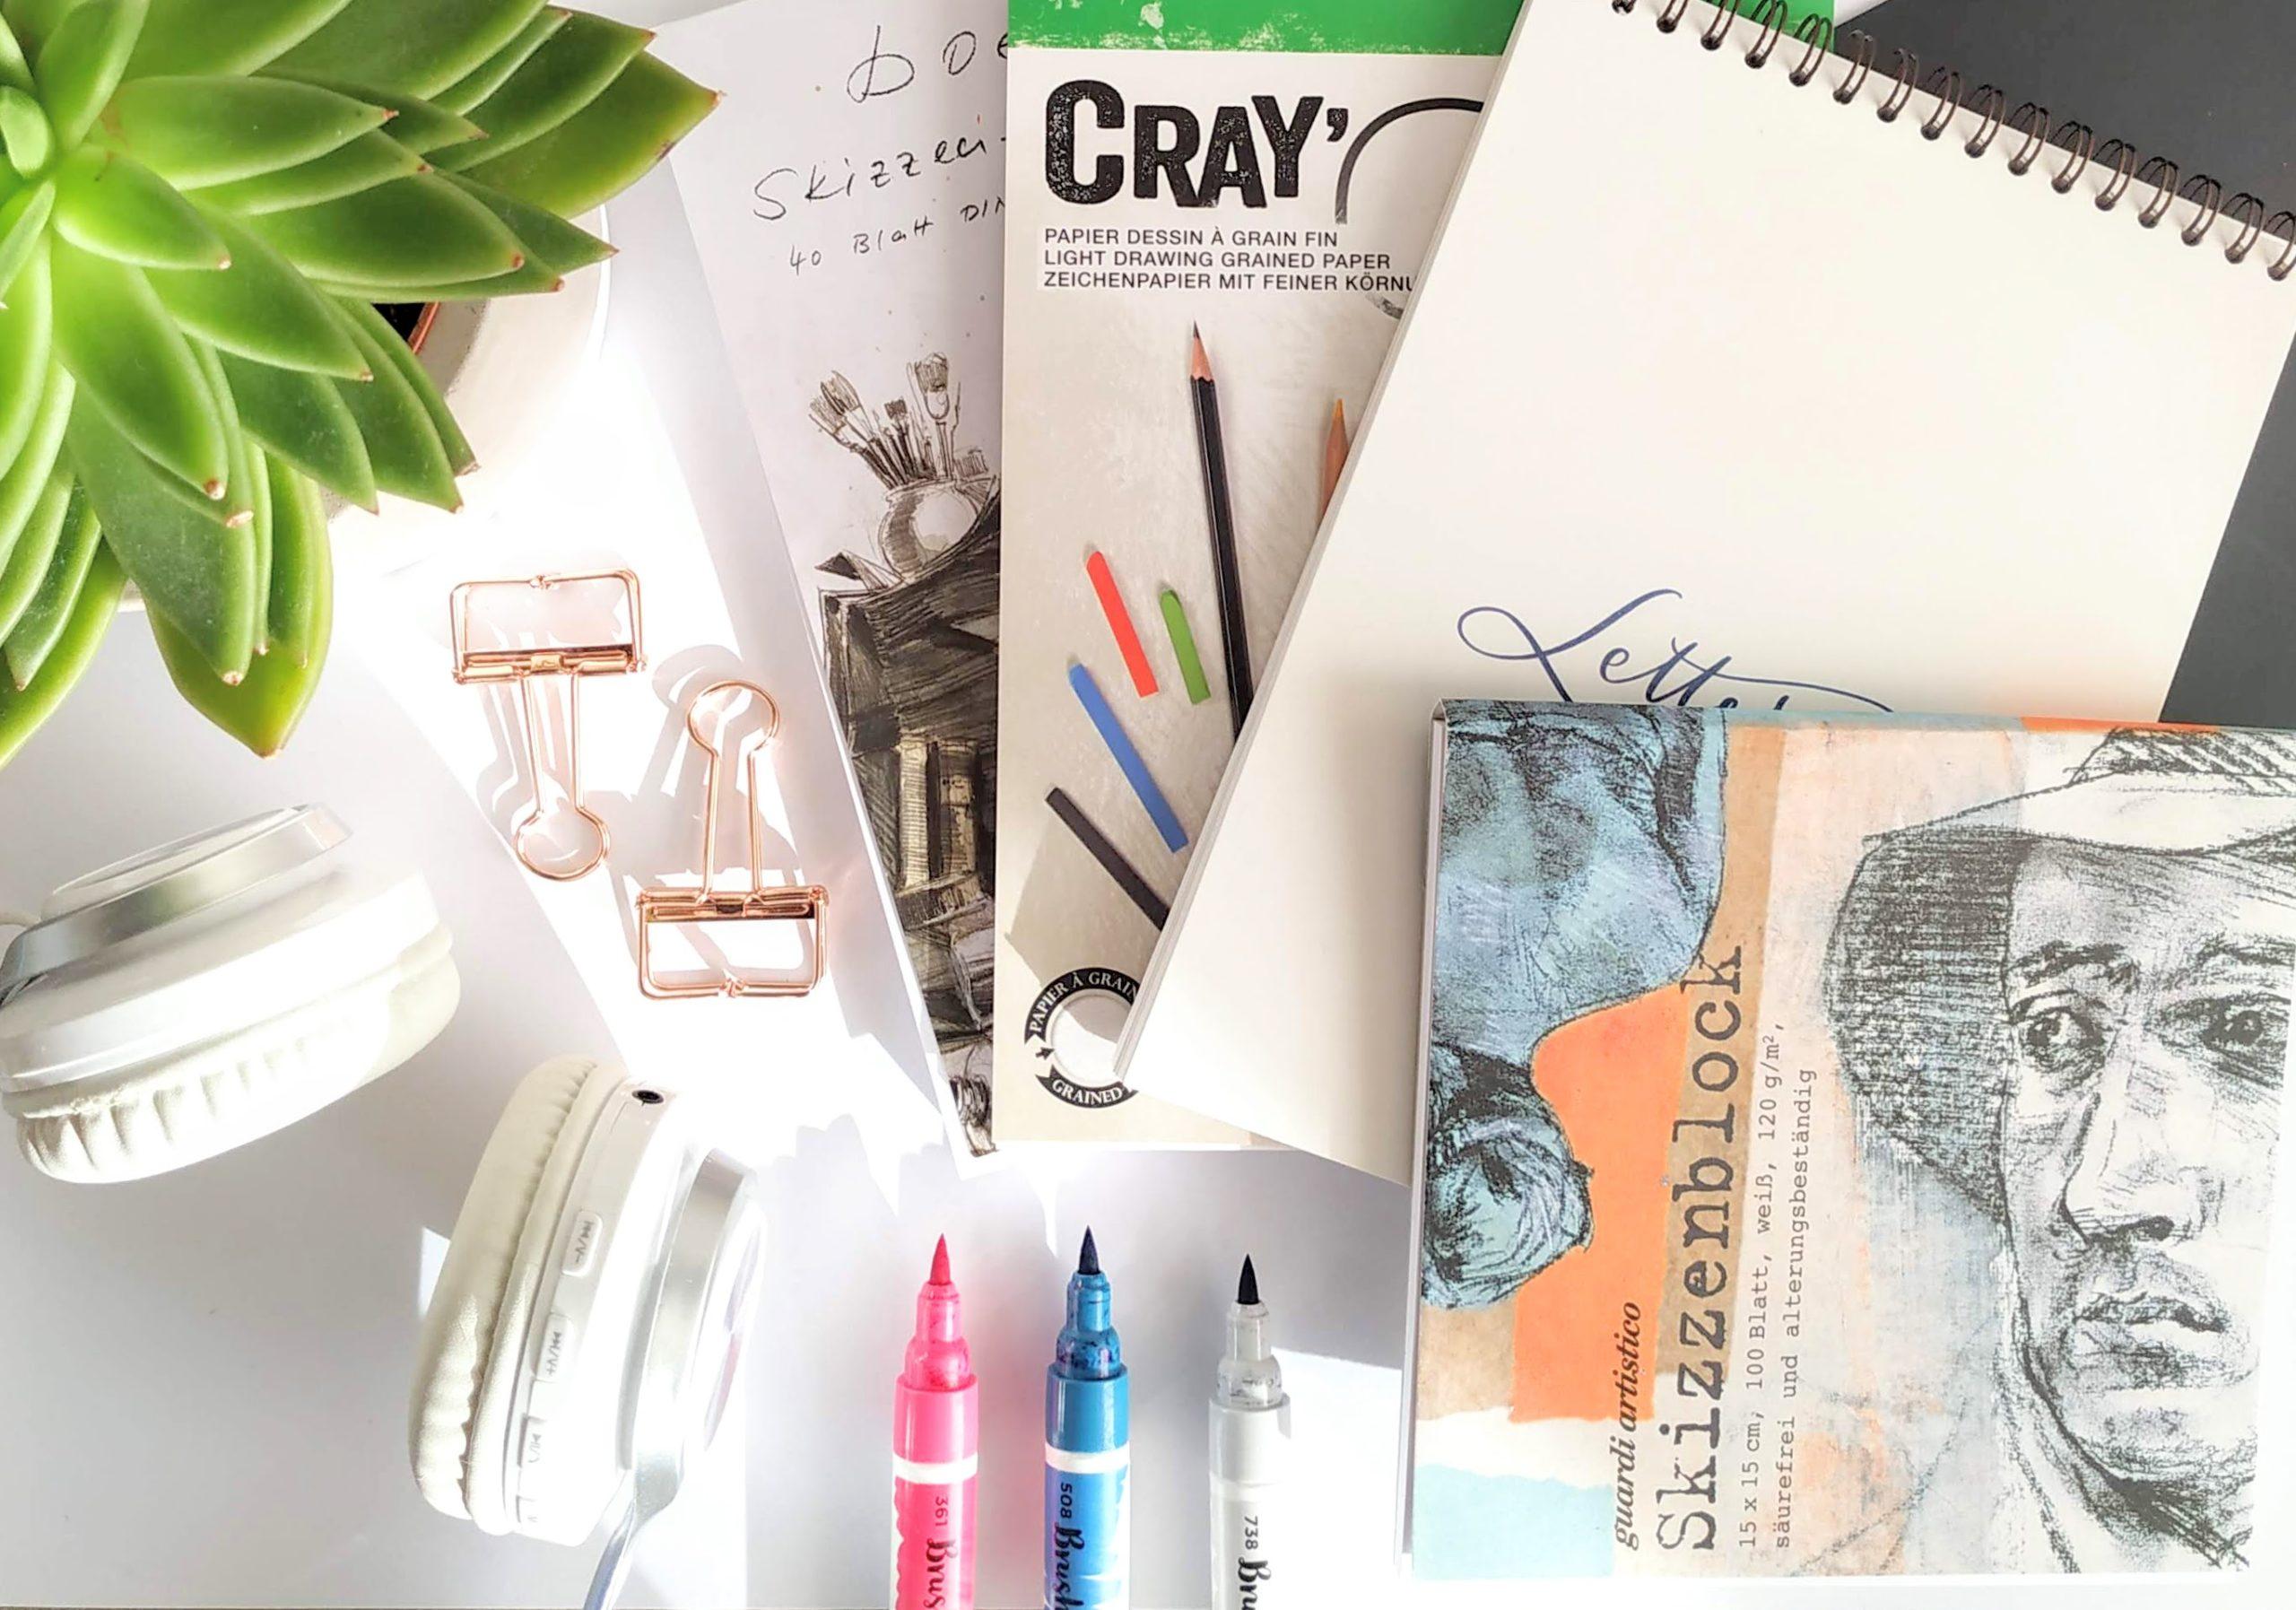 Papier, Sizzenblöcke und Notizbücher für das Handlettering mit Brushpens